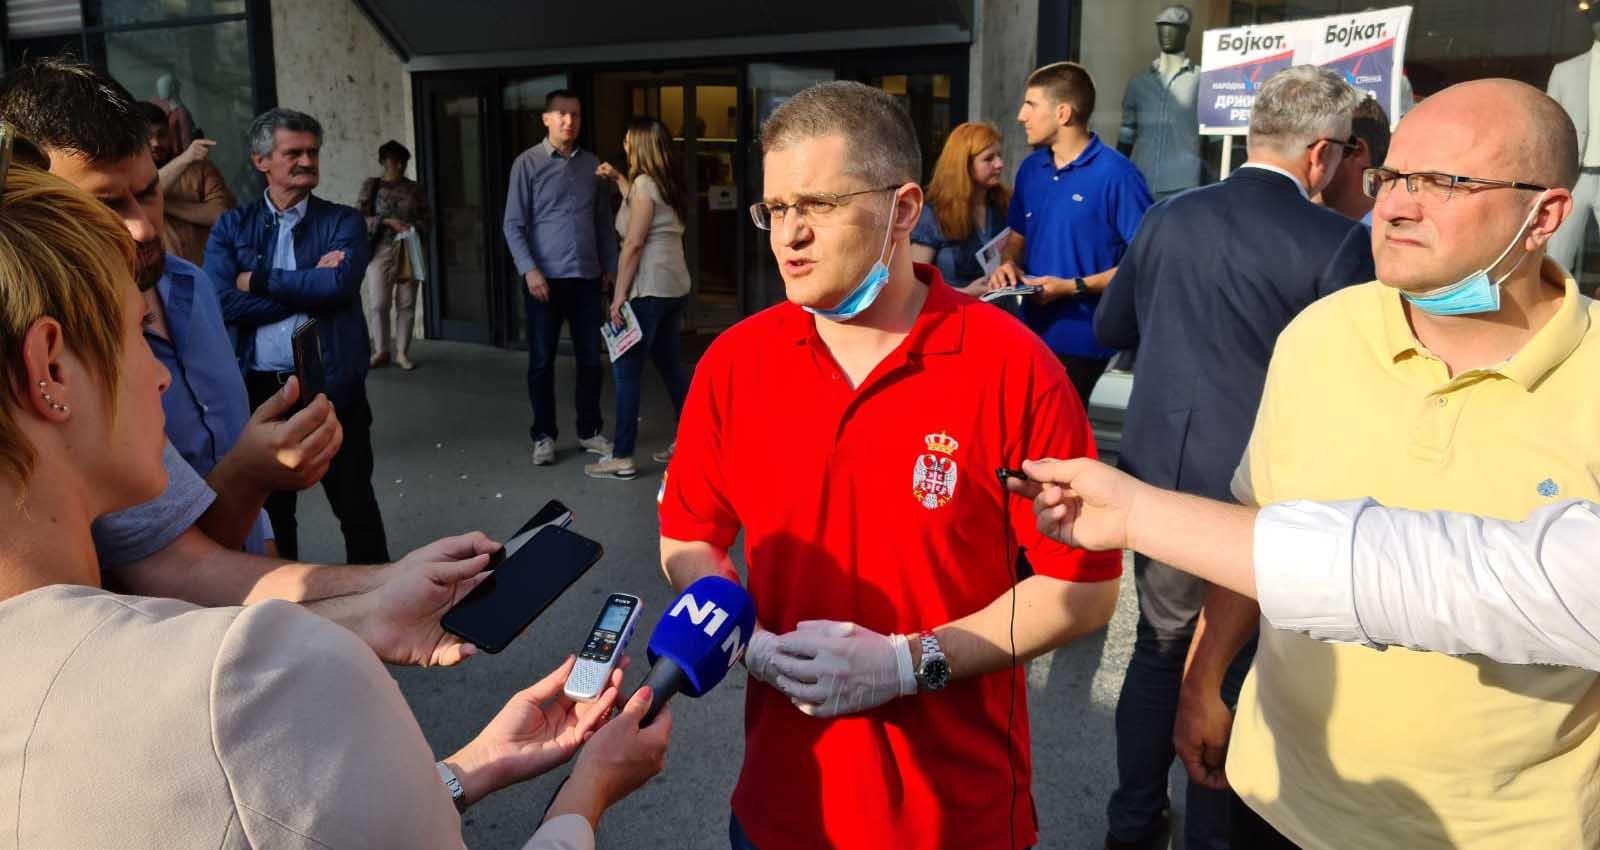 Јеремић: Једва чекам да истекне рок за предају изборних листа